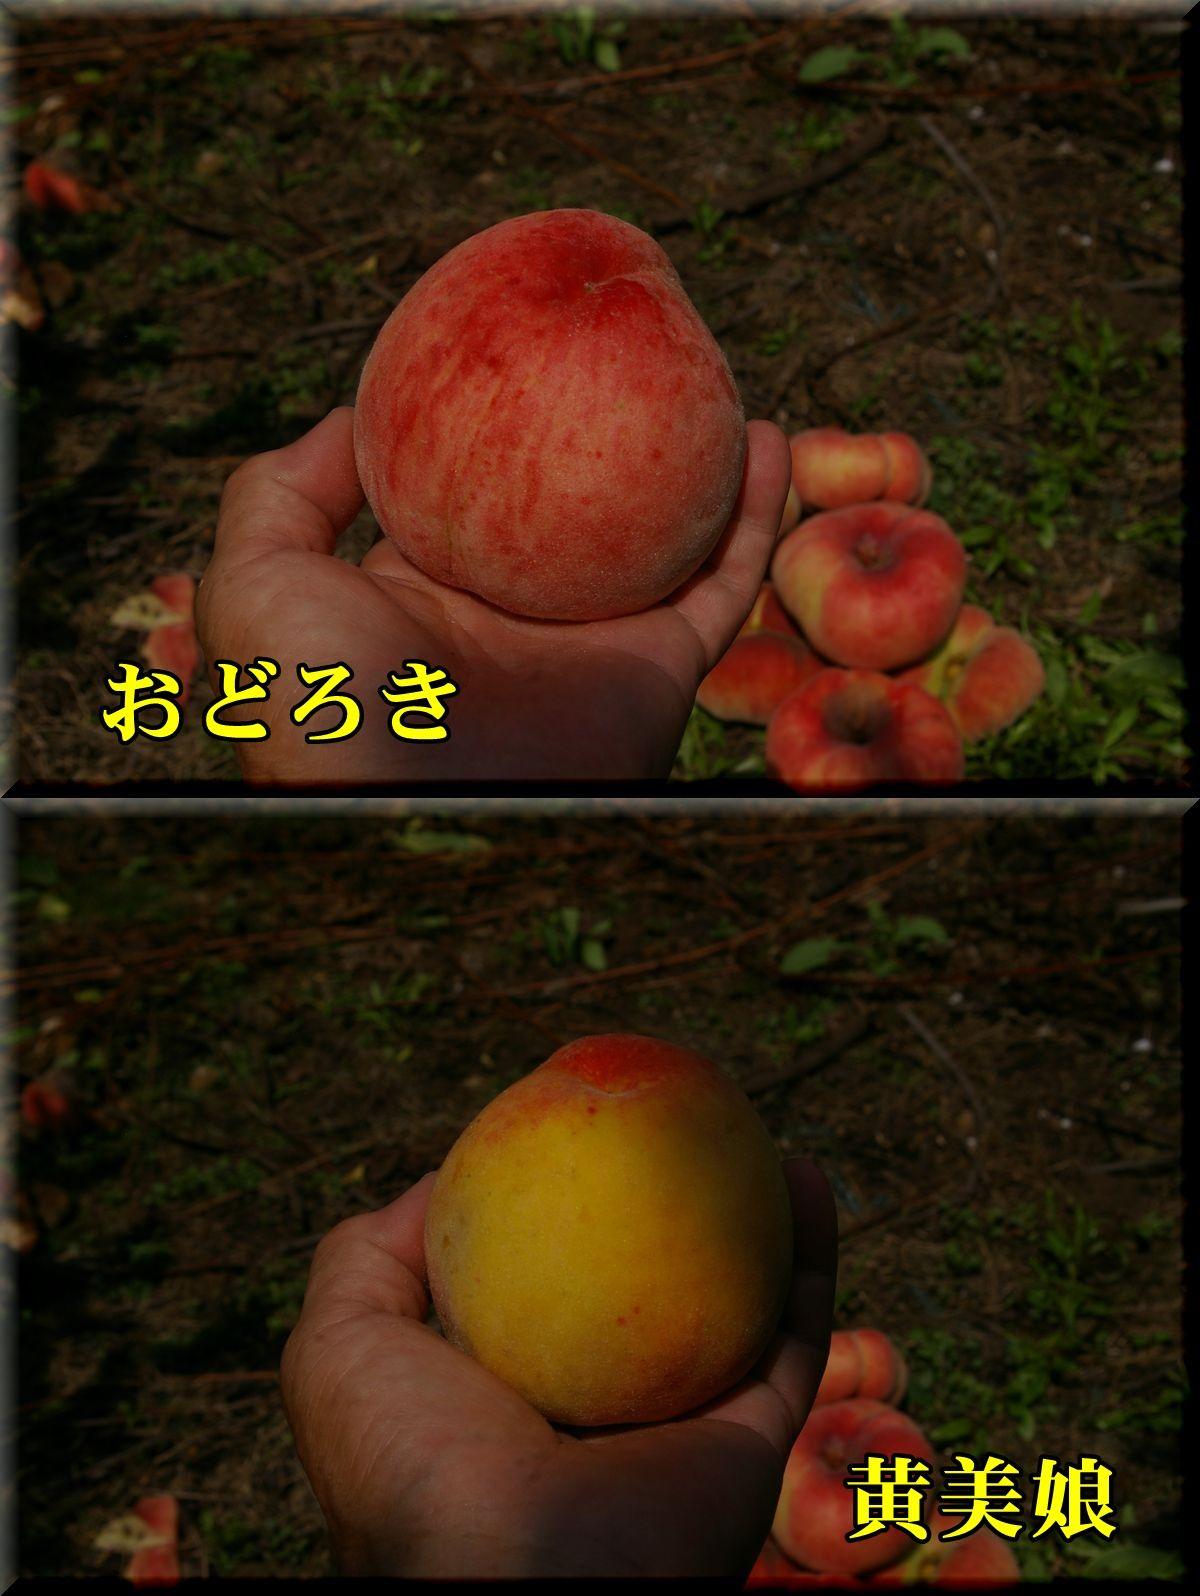 1odoro_kimi160803_011.jpg